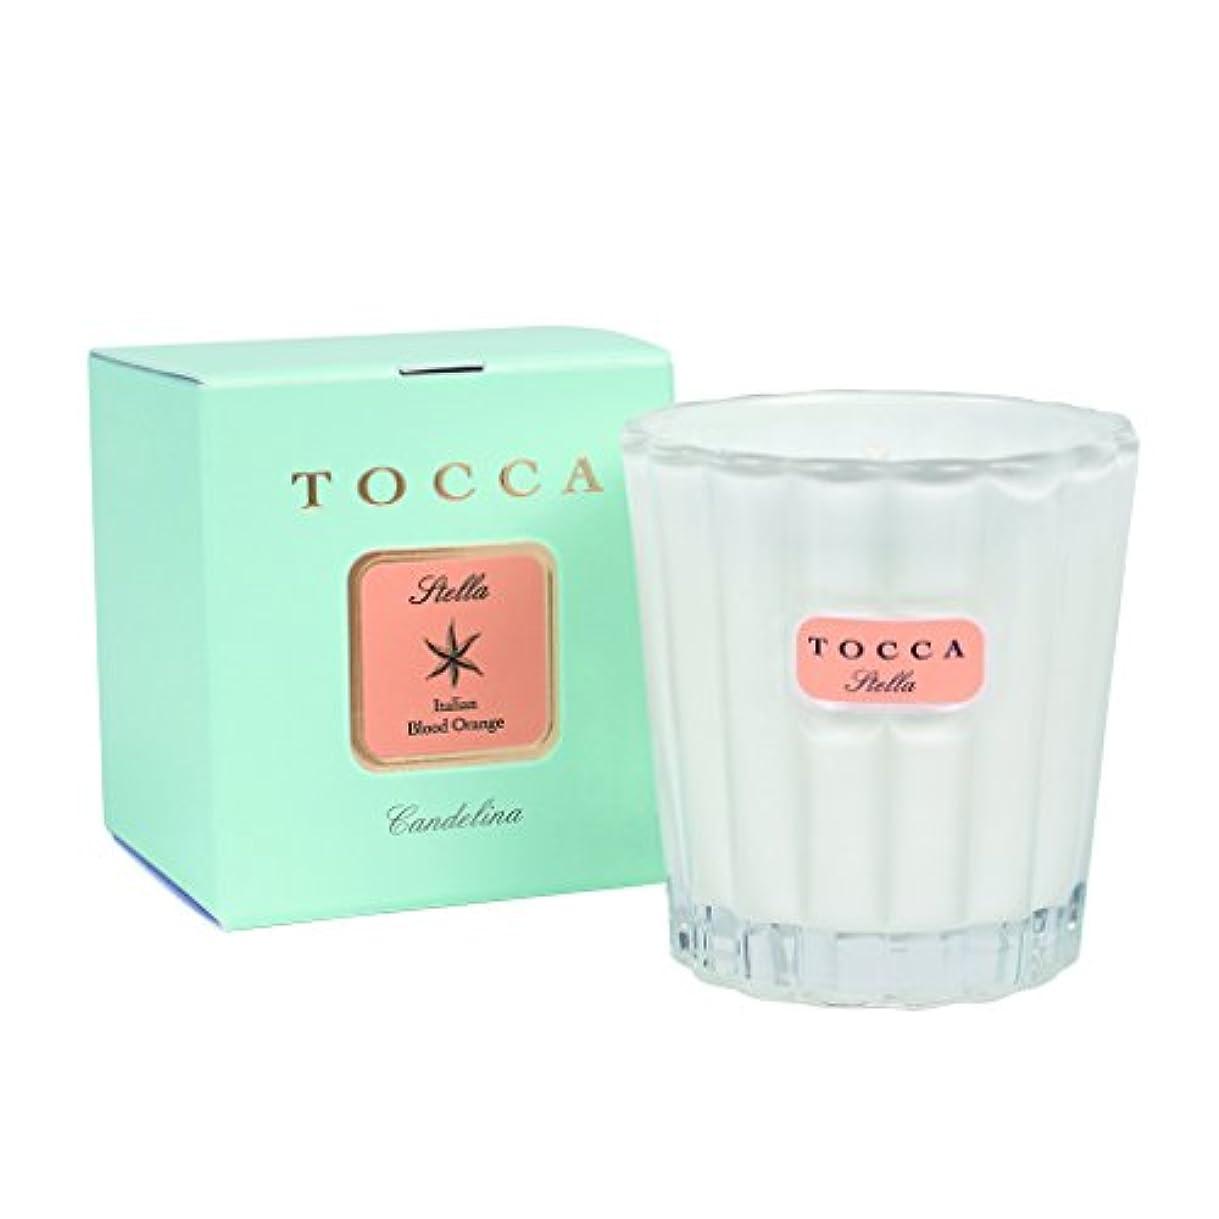 担当者精算違反トッカ(TOCCA) キャンデリーナ ステラ 88g (キャンドル ろうそく シトラス系でありながらほんのり甘く苦味を感じることのないさわやかな香り)